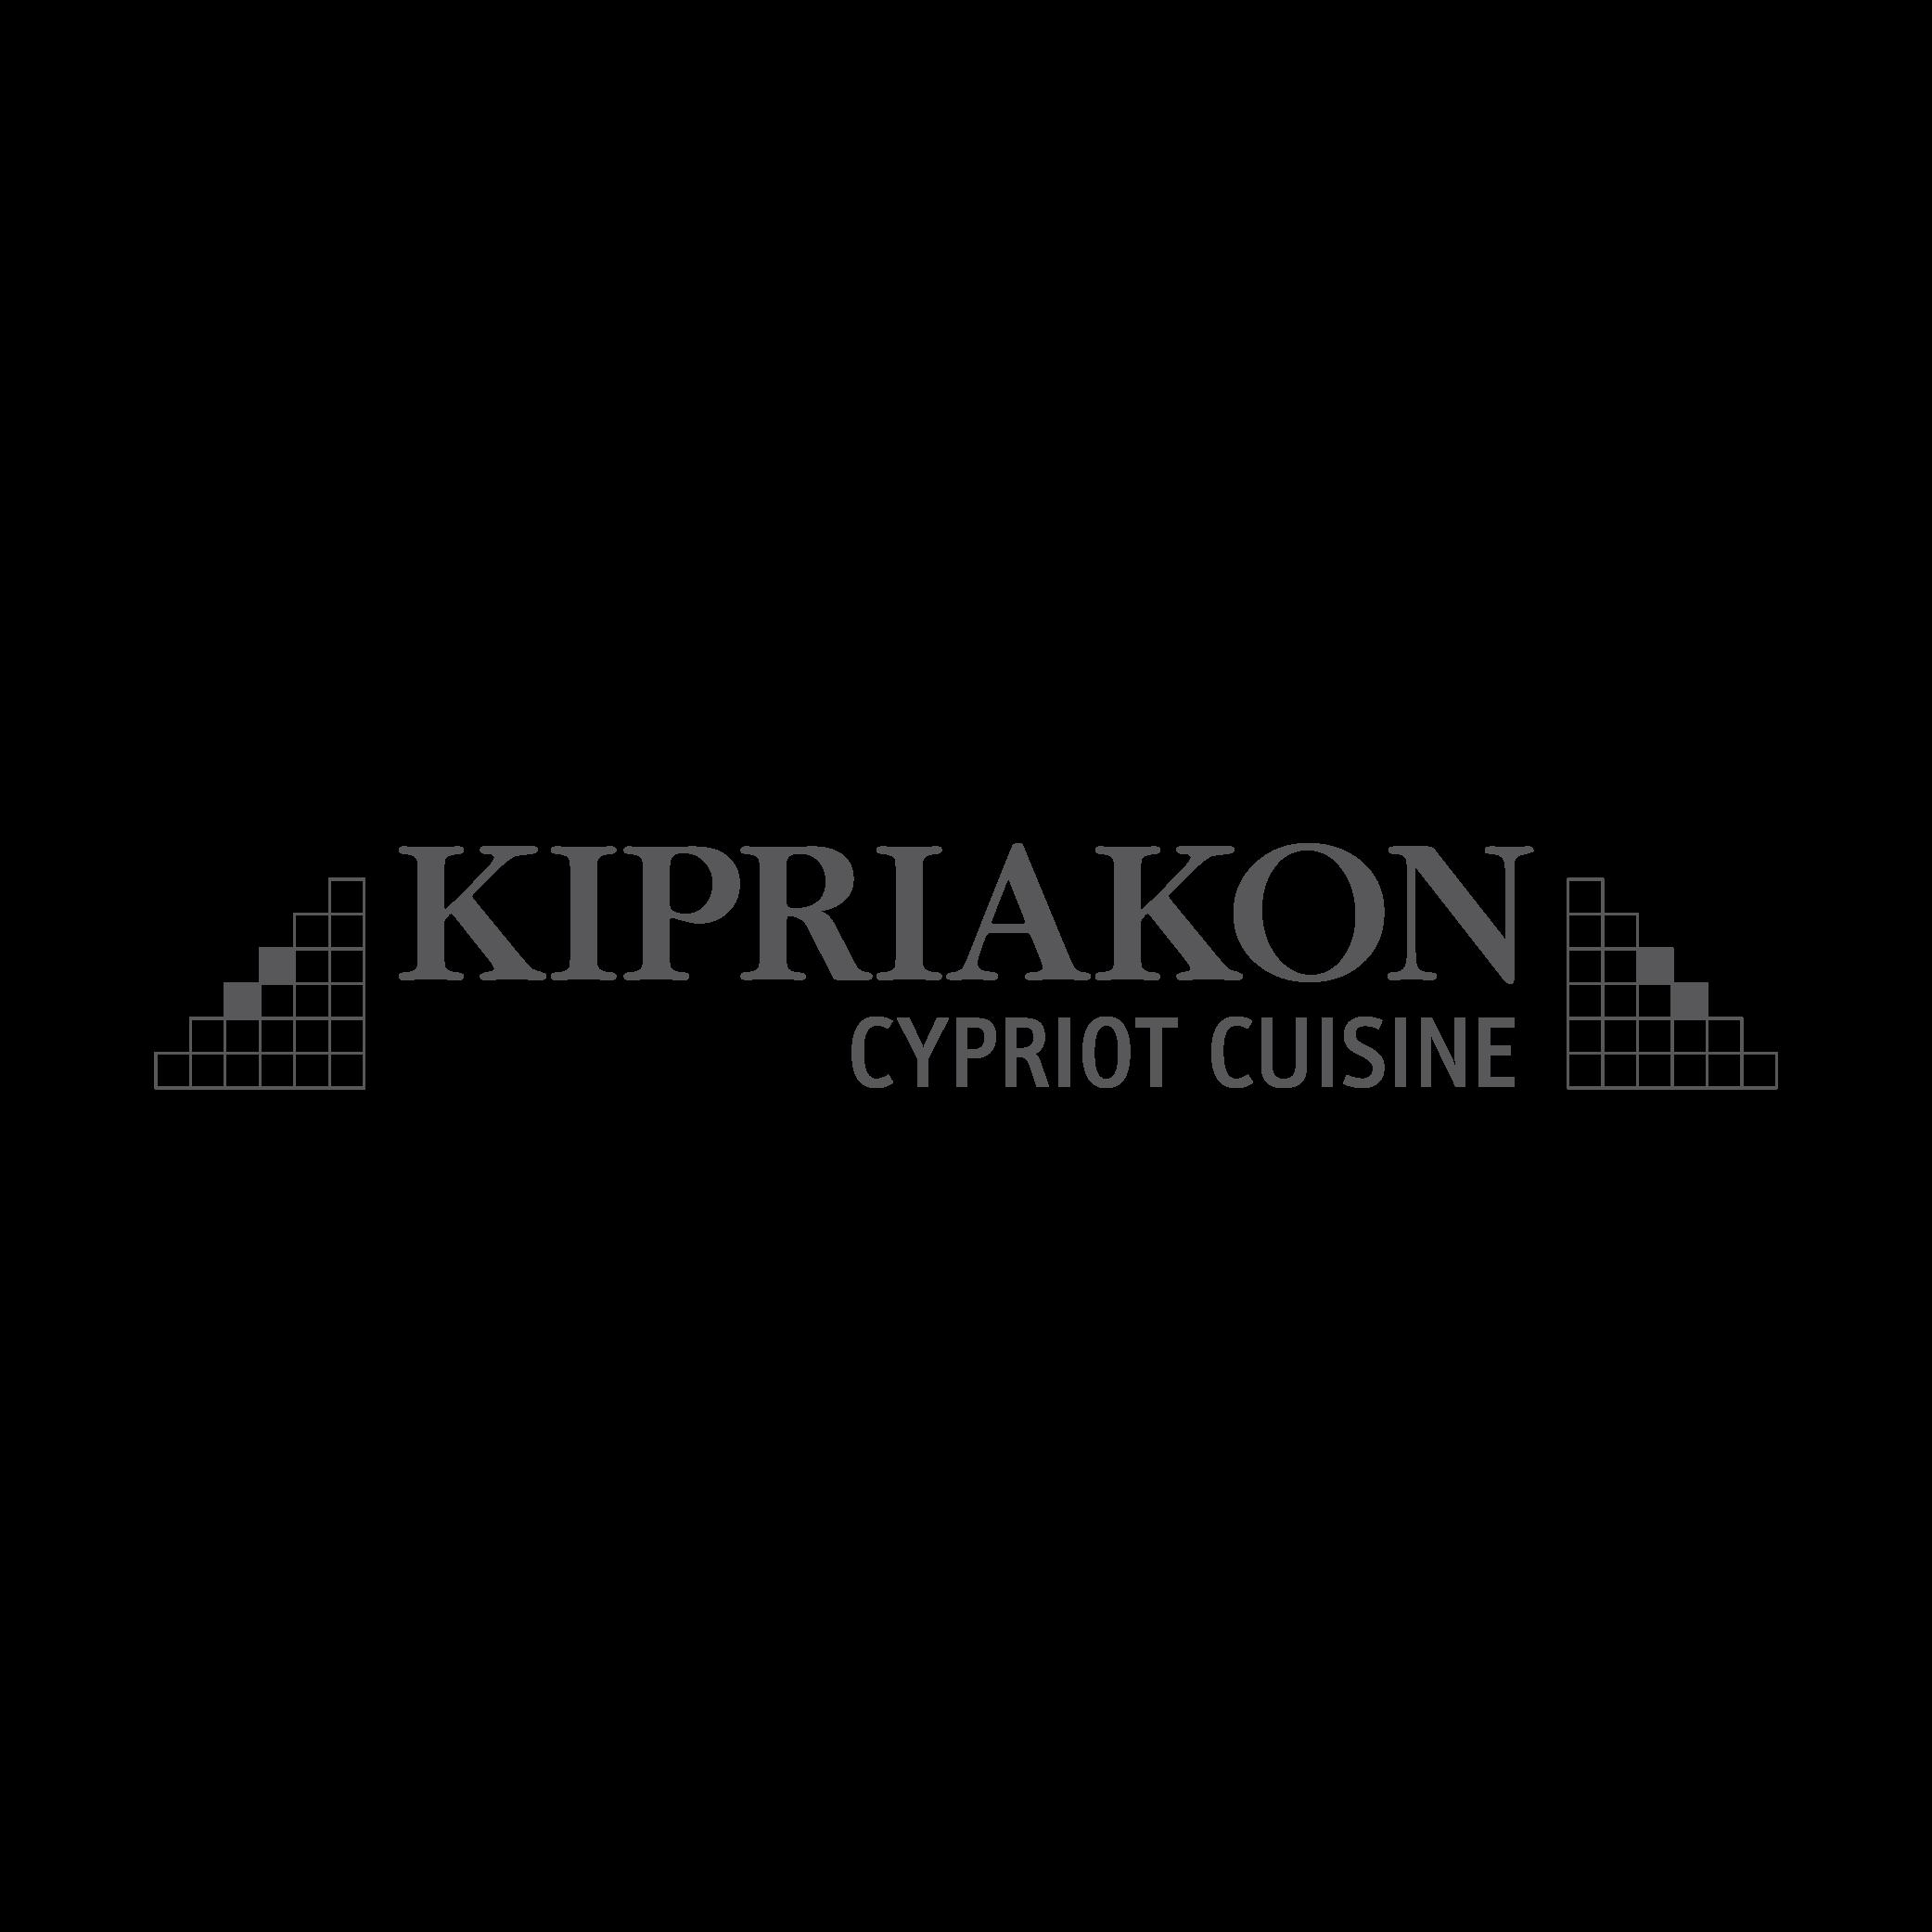 Kipriakon logo